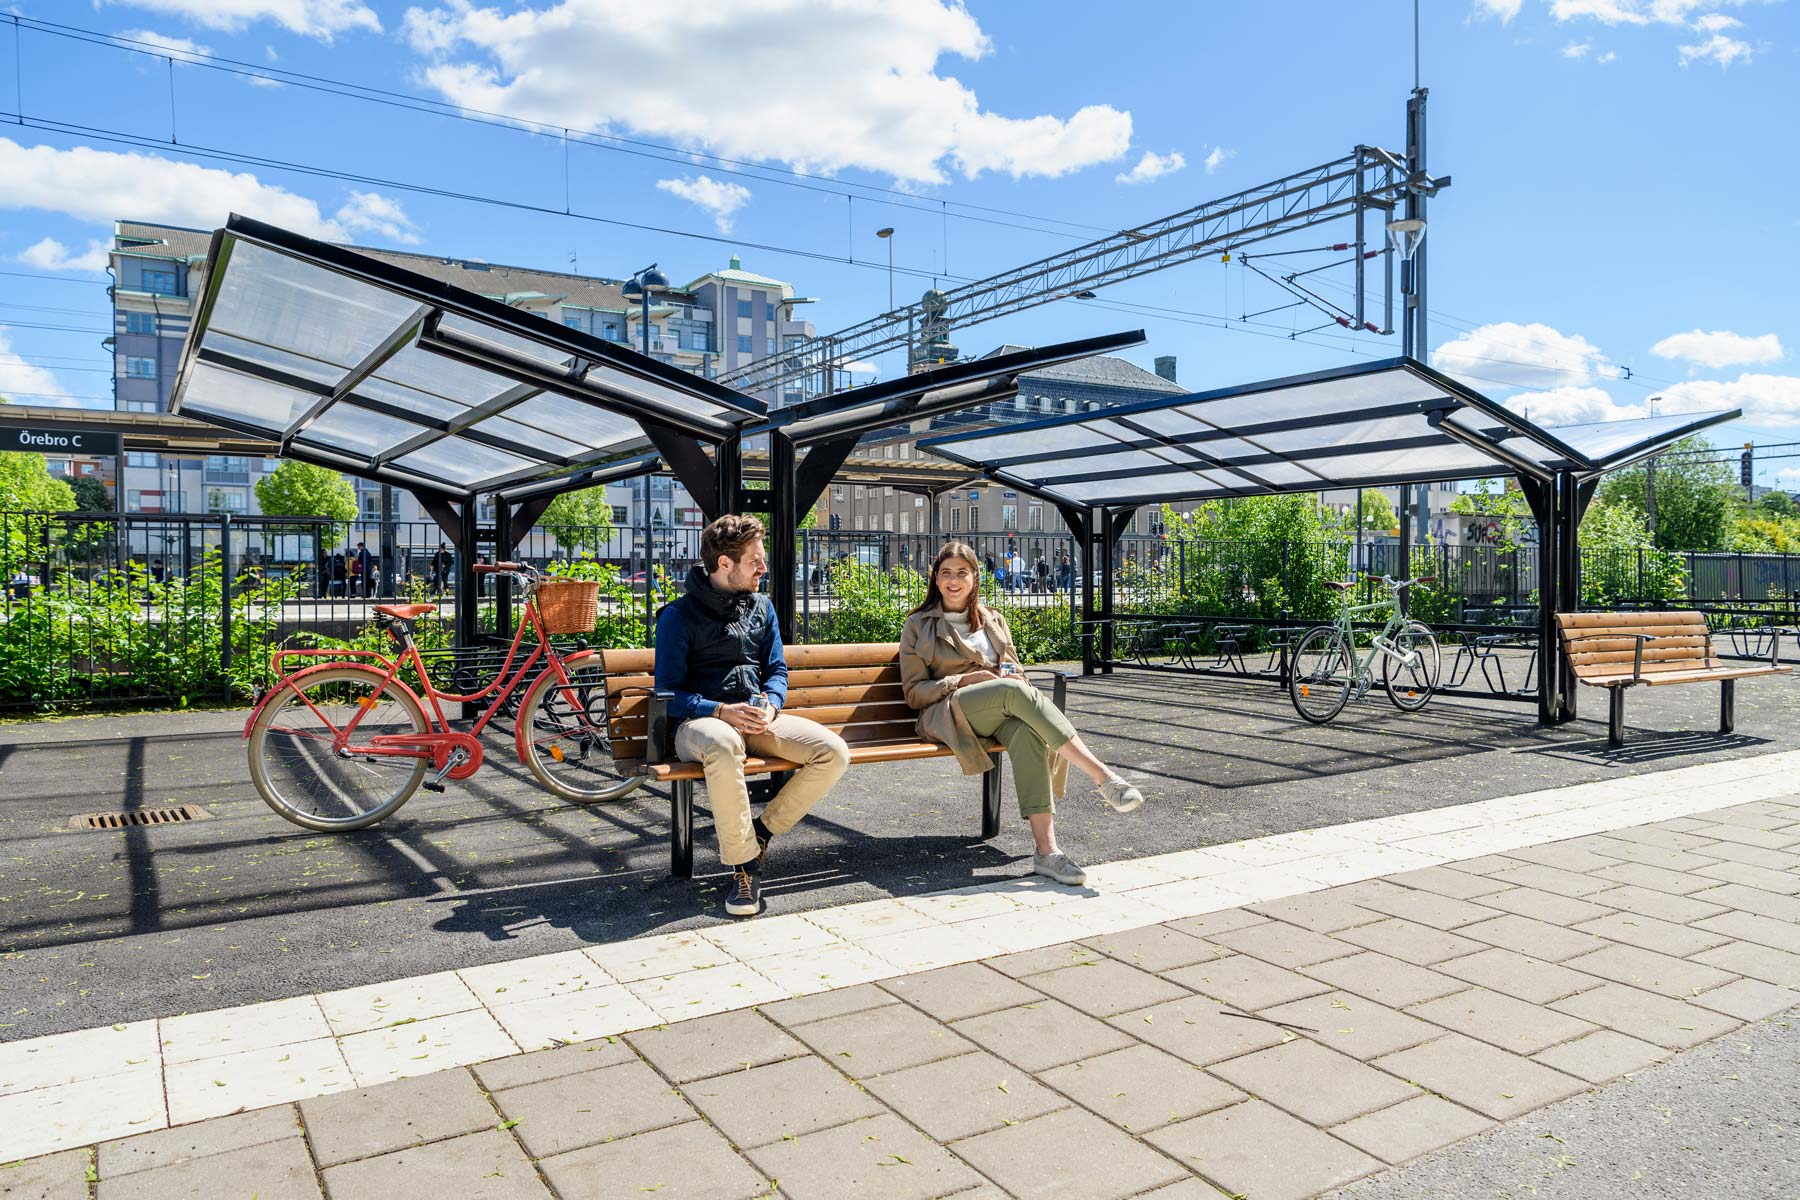 Dubbelsidigt cykeltak med parkbänk framför där en man och en kvinna sitter.